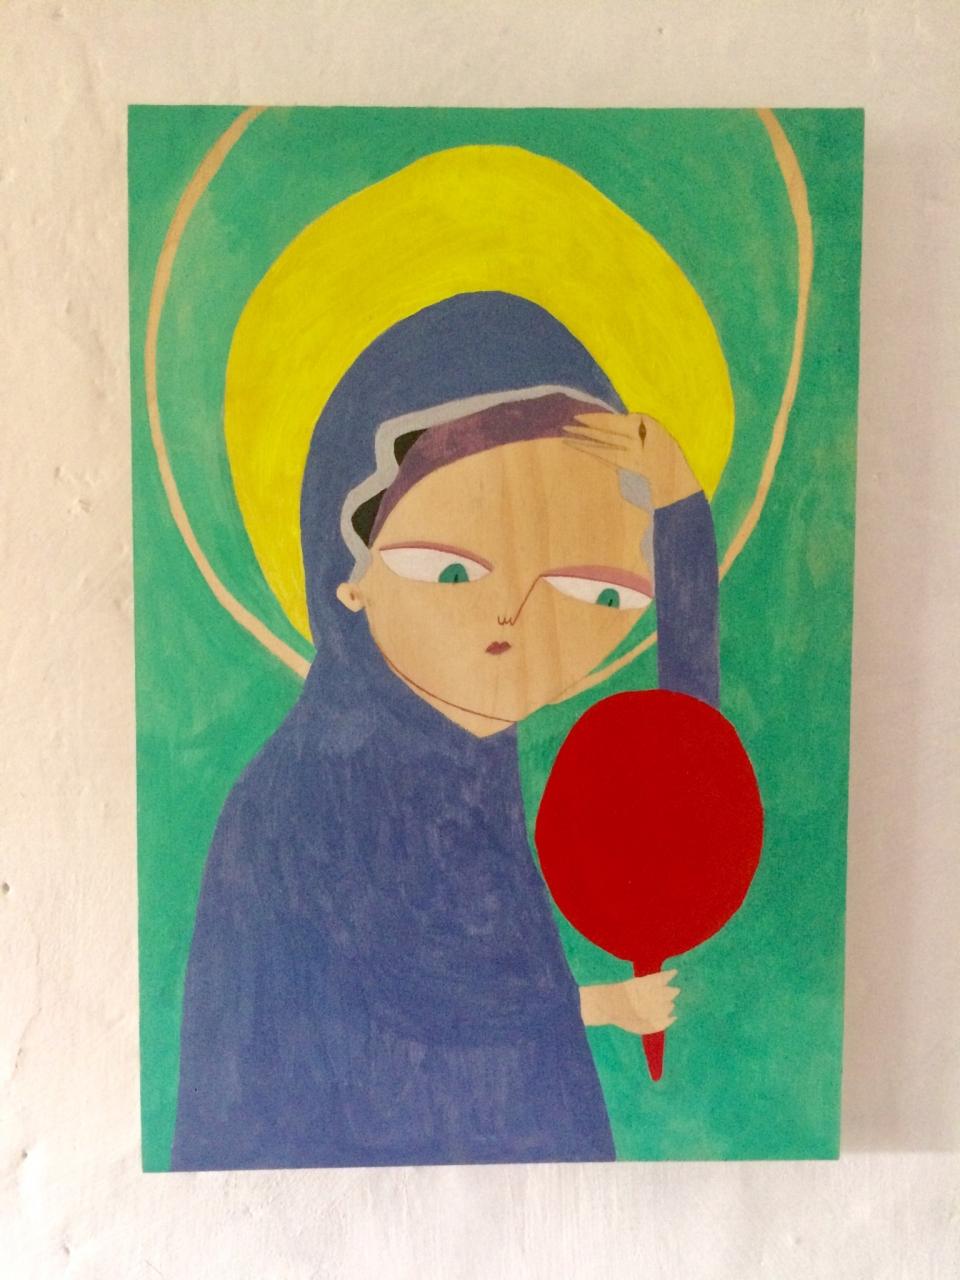 Maria mit starken Selbstzweifeln